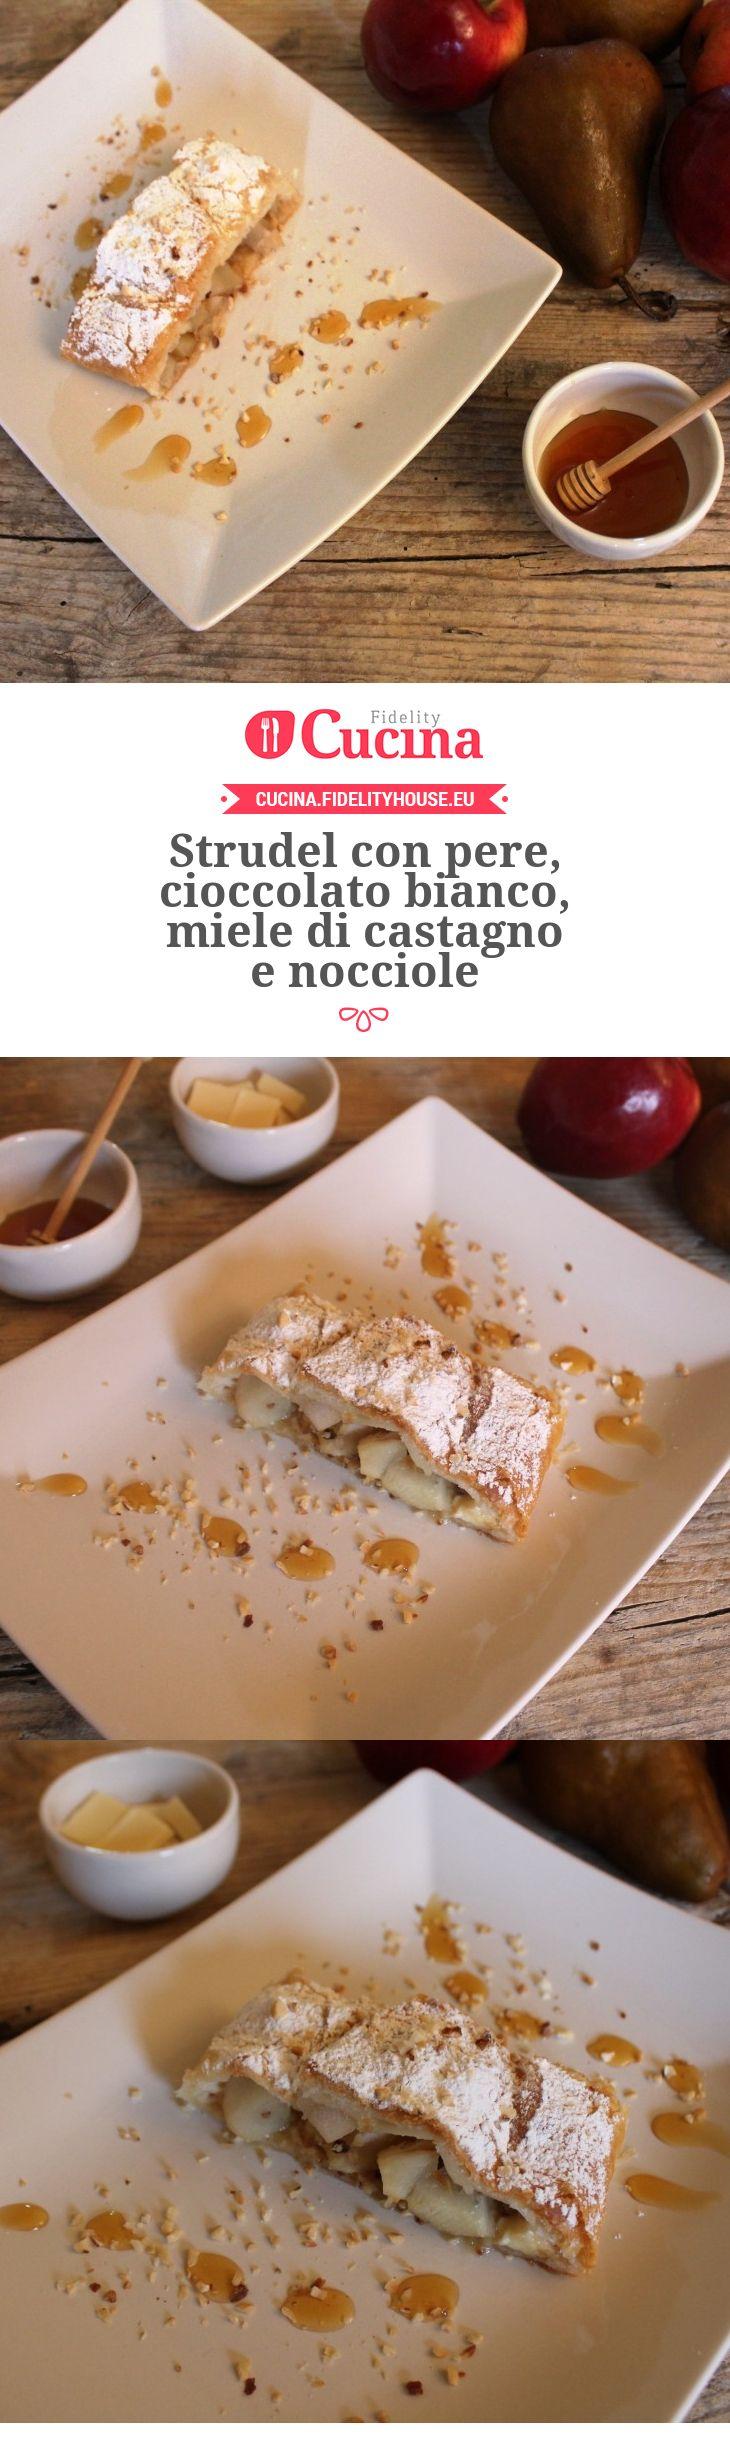 Strudel con pere, cioccolato bianco, miele di castagno e nocciole della nostra utente Laura. Unisciti alla nostra Community ed invia le tue ricette!